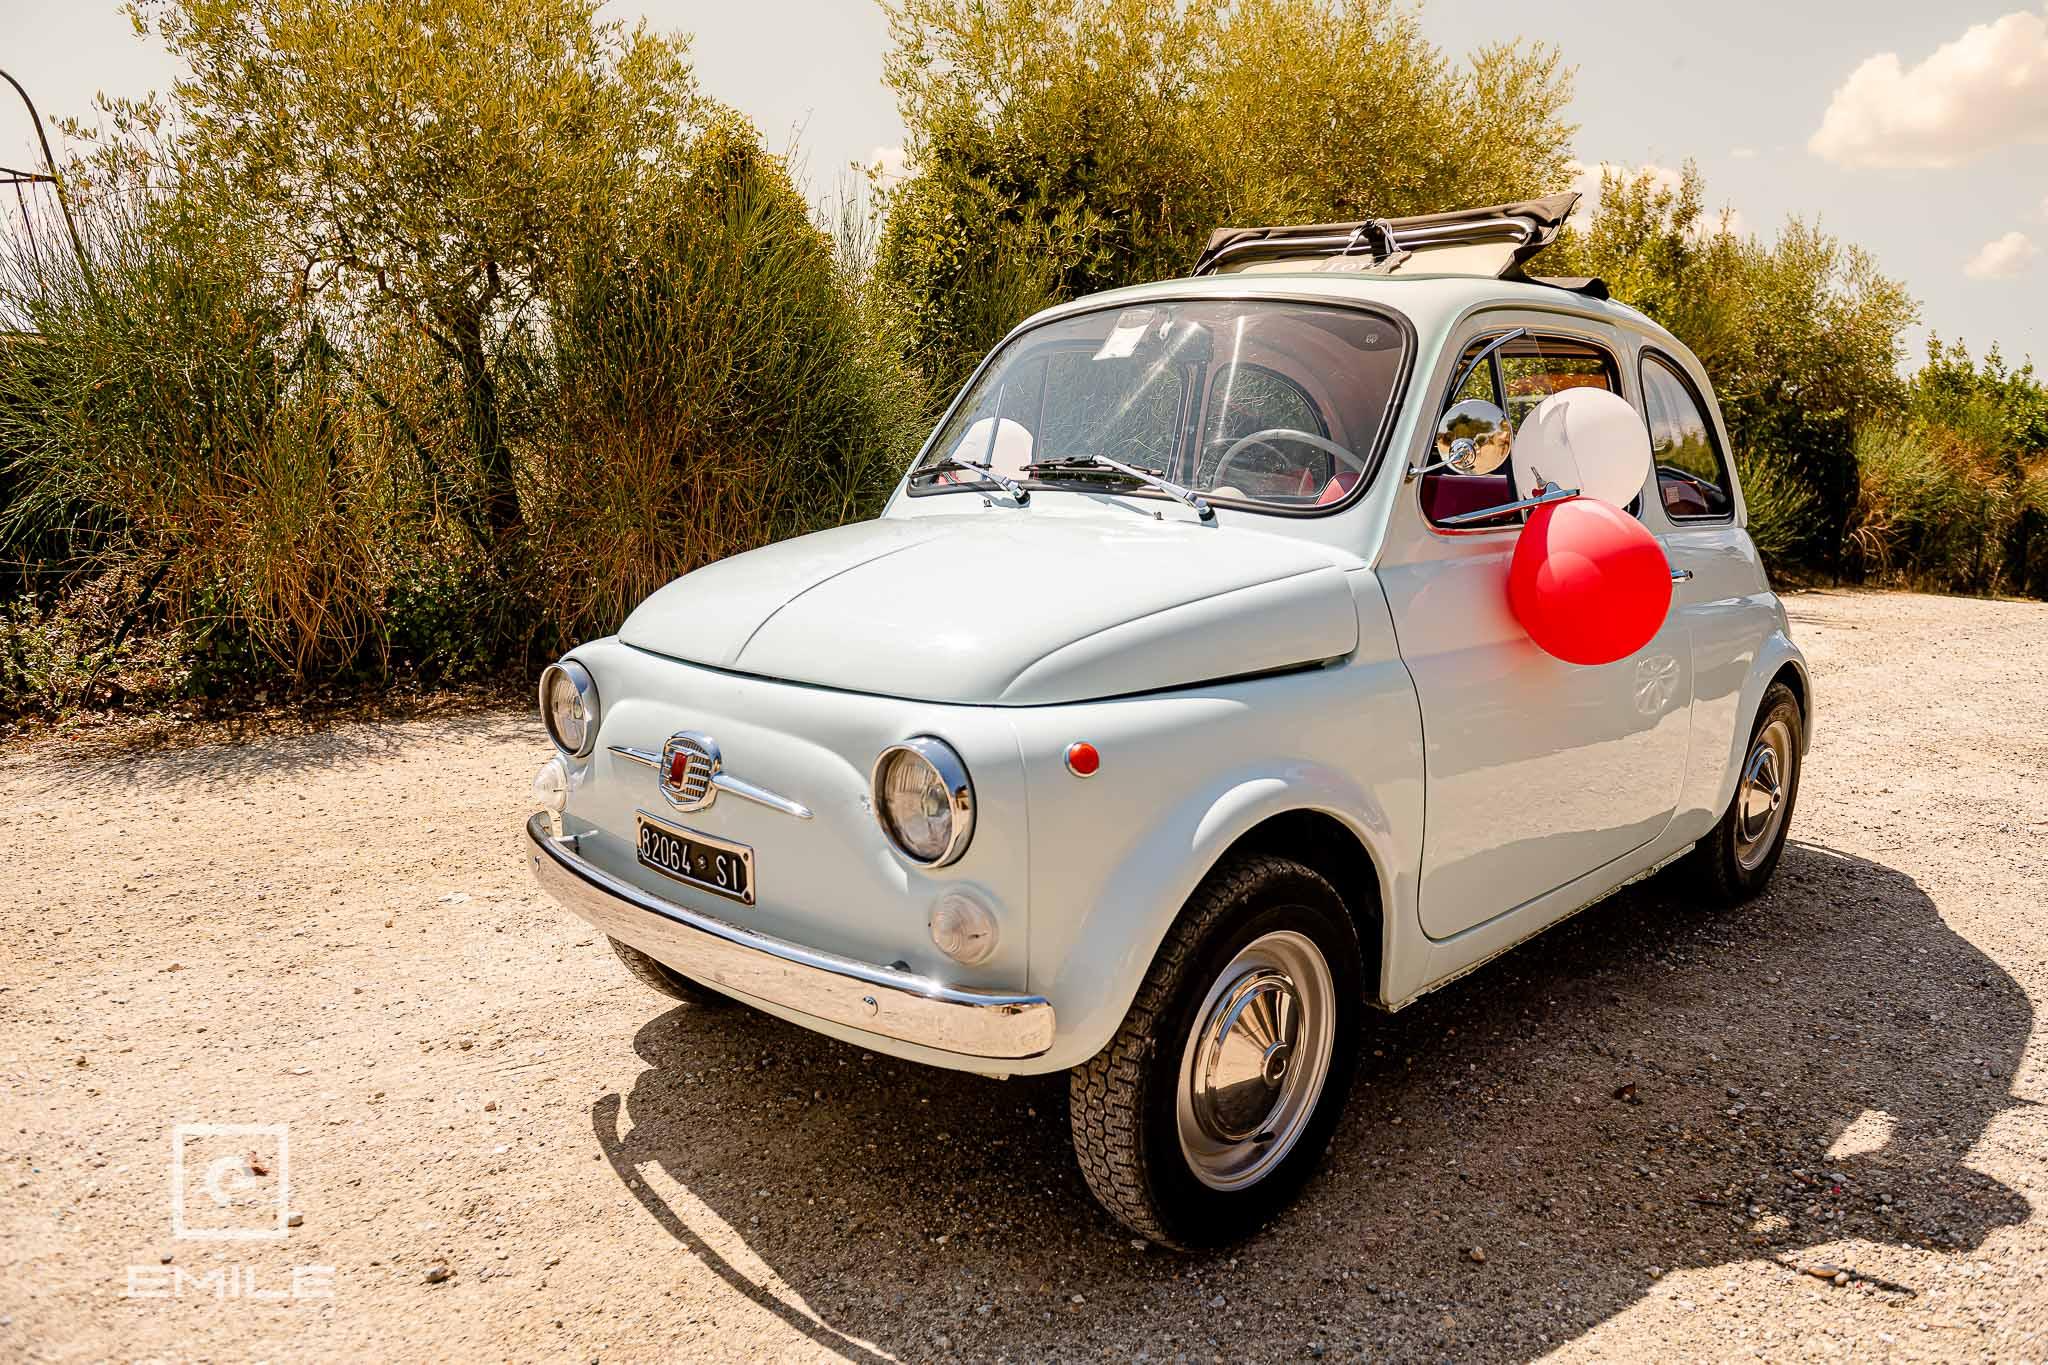 De FIAT 500 staat klaar voor te gaan - Destination wedding San Gimignano - Toscane Italie - Iris en Job